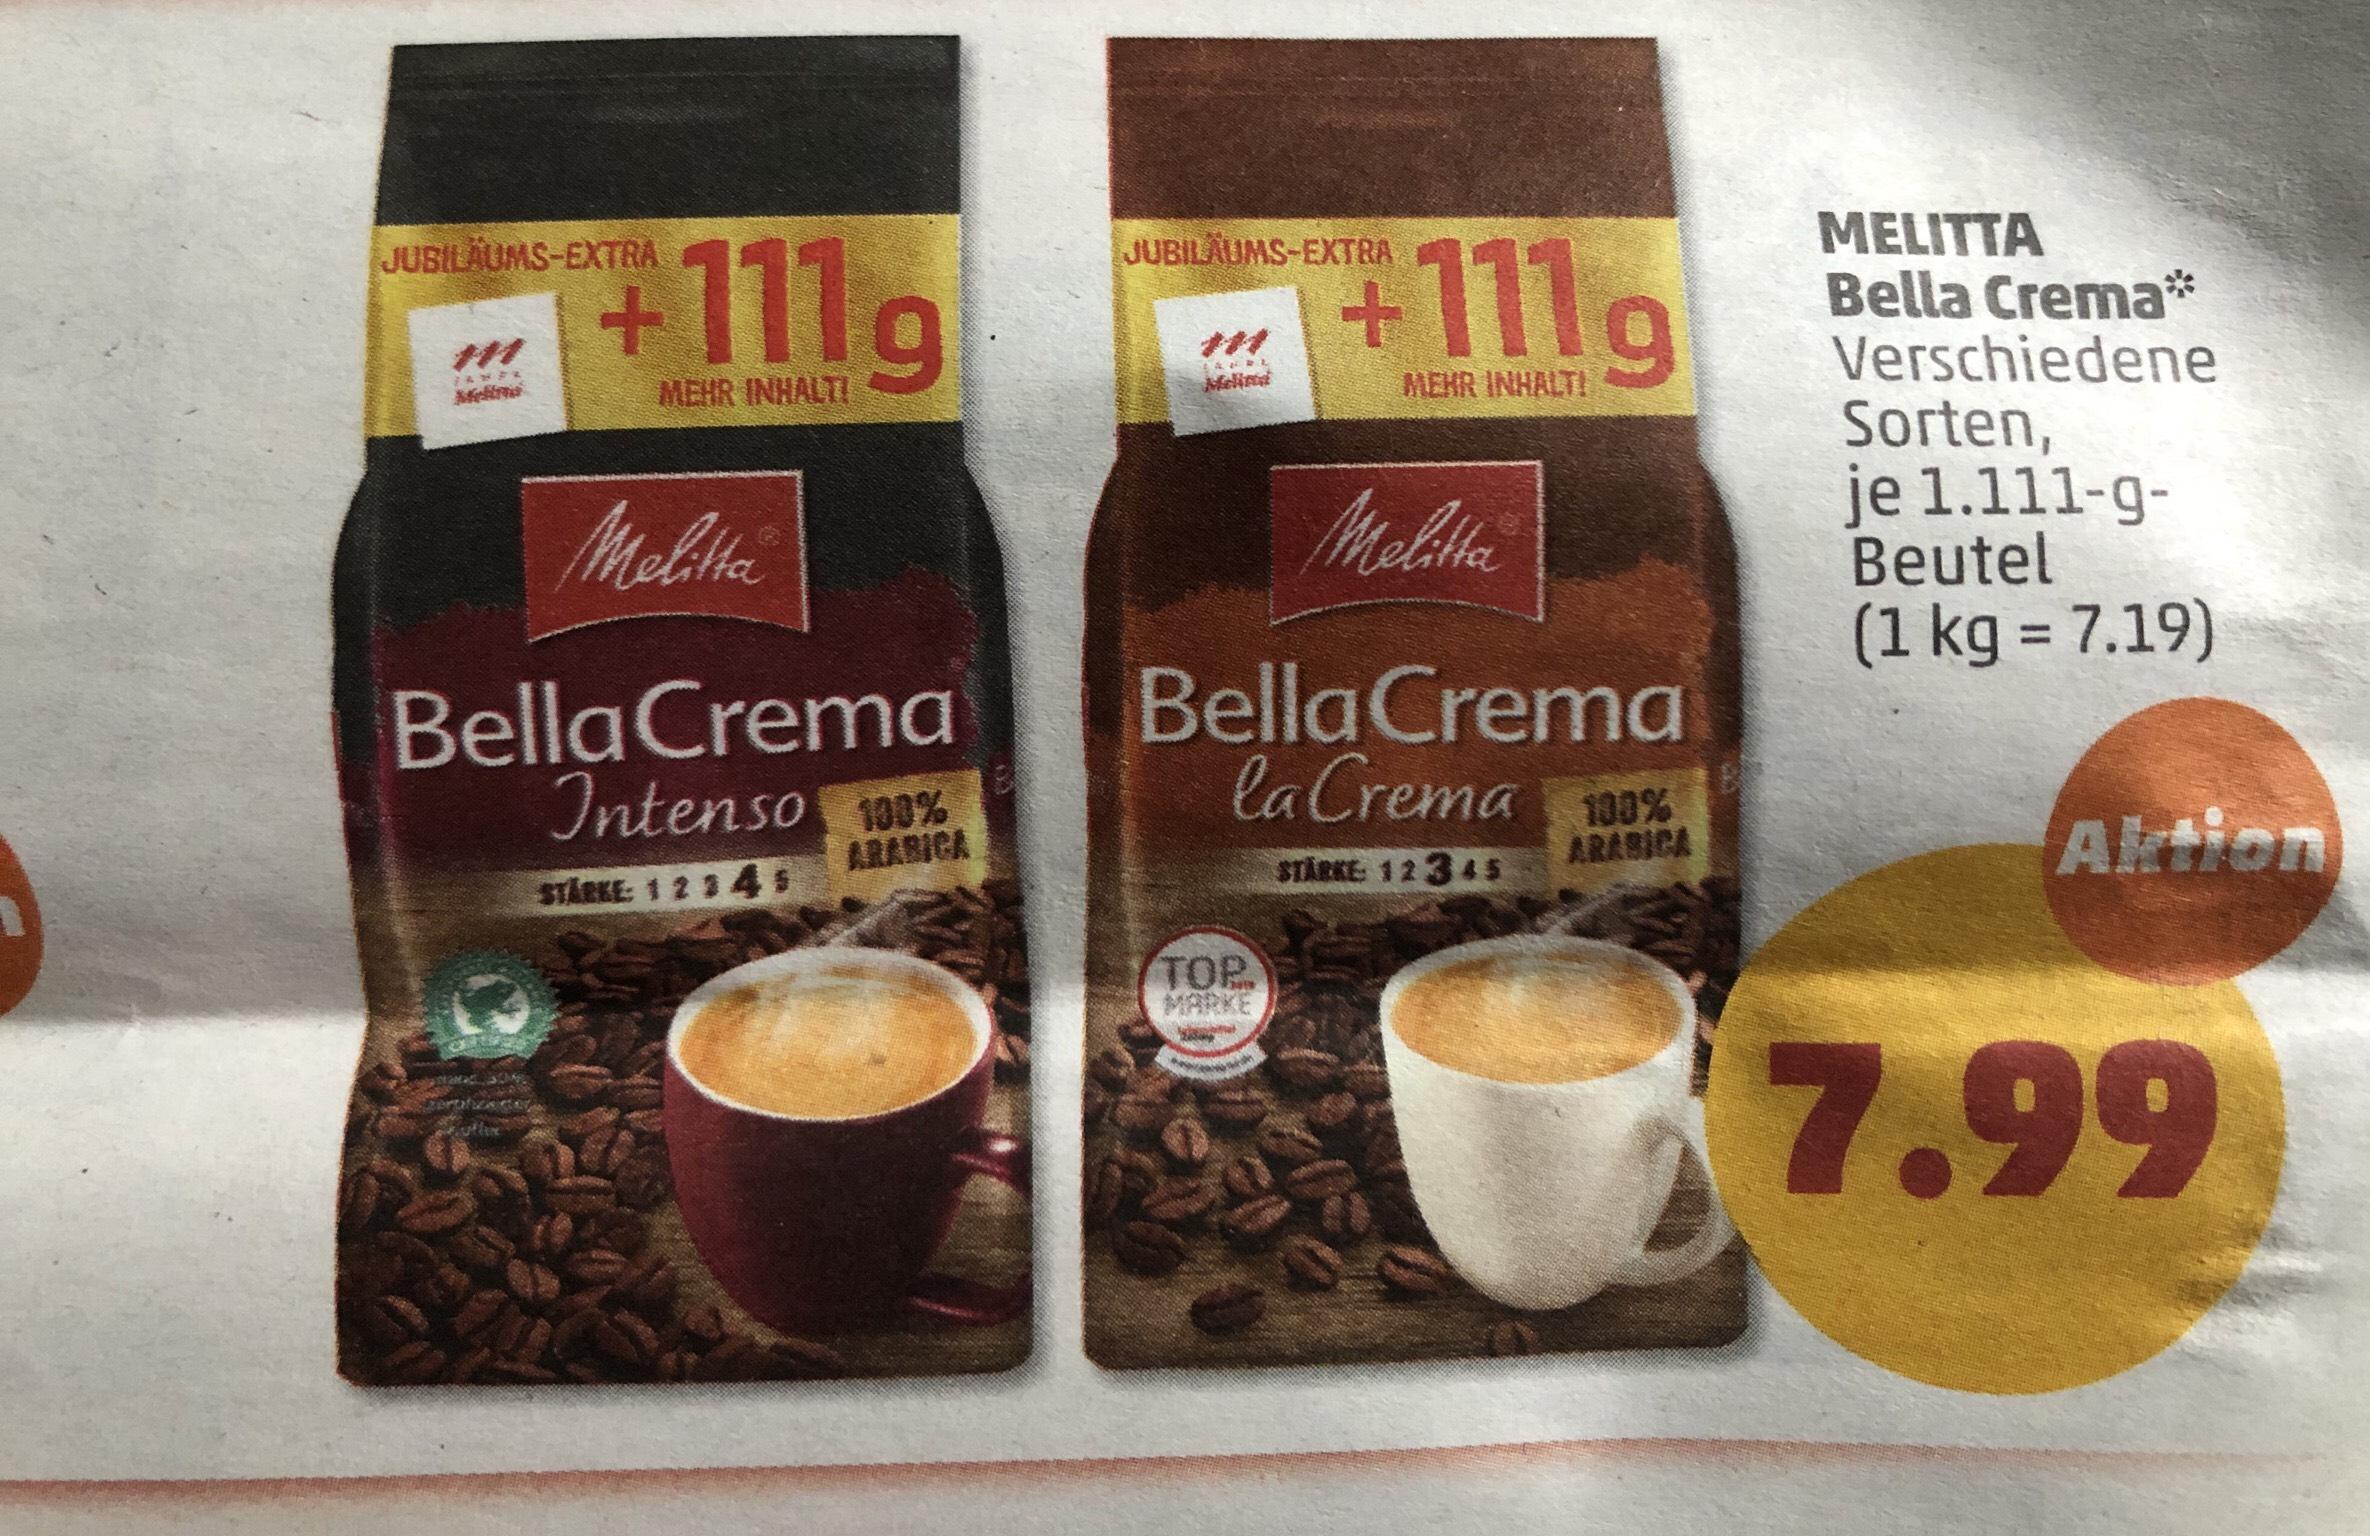 Melitta Bella Crema 1111 Gramm Penny